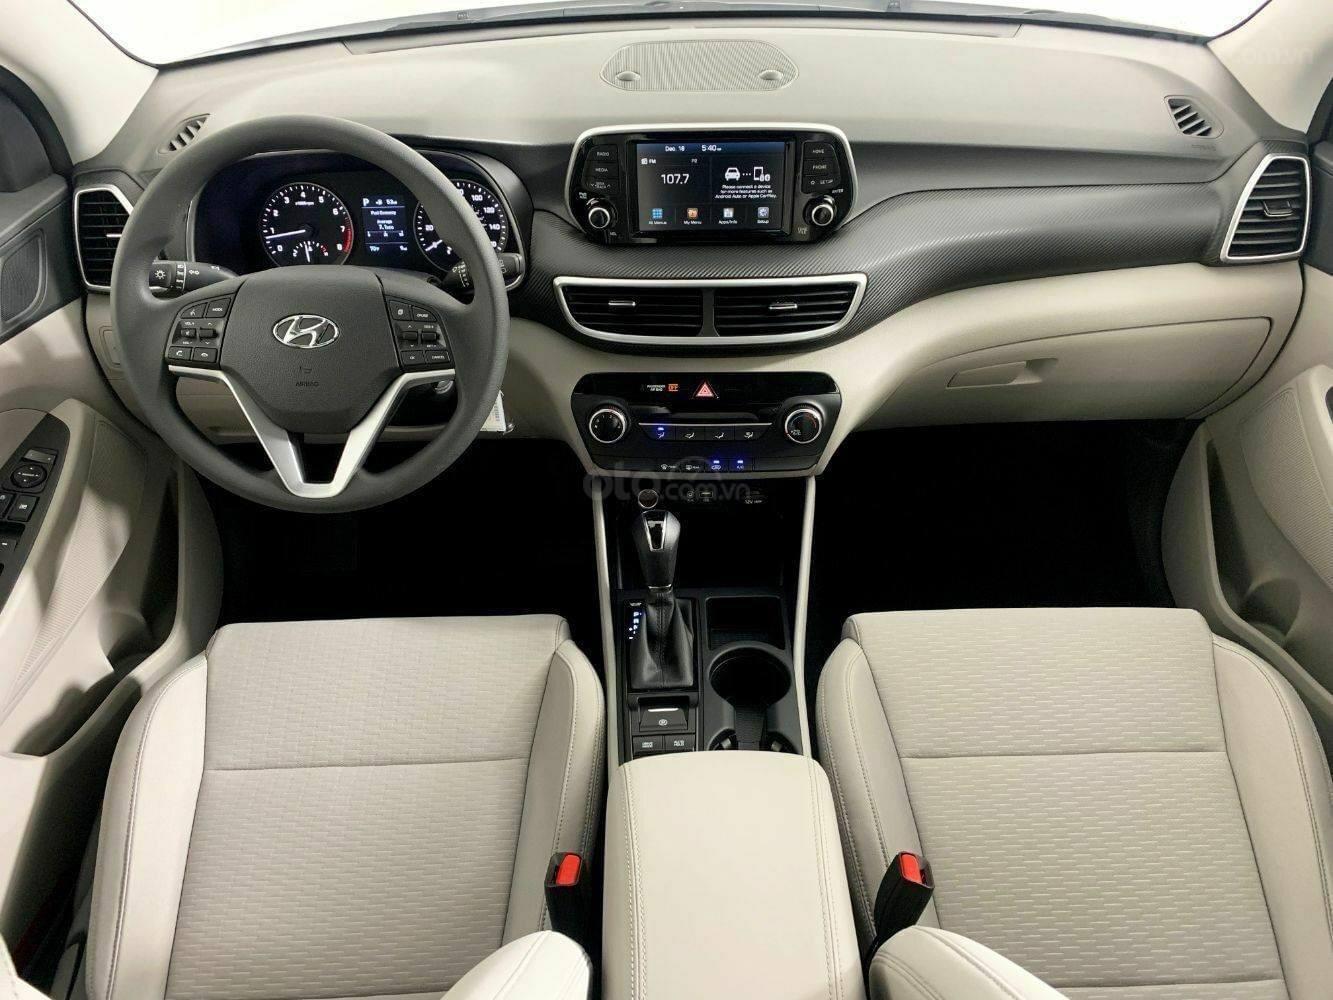 [TPHCM] Hyundai Tucson sẵn kho, đủ màu, hỗ trợ vay lên đến 85%+ chương trình khuyến mãi hấp dẫn (13)